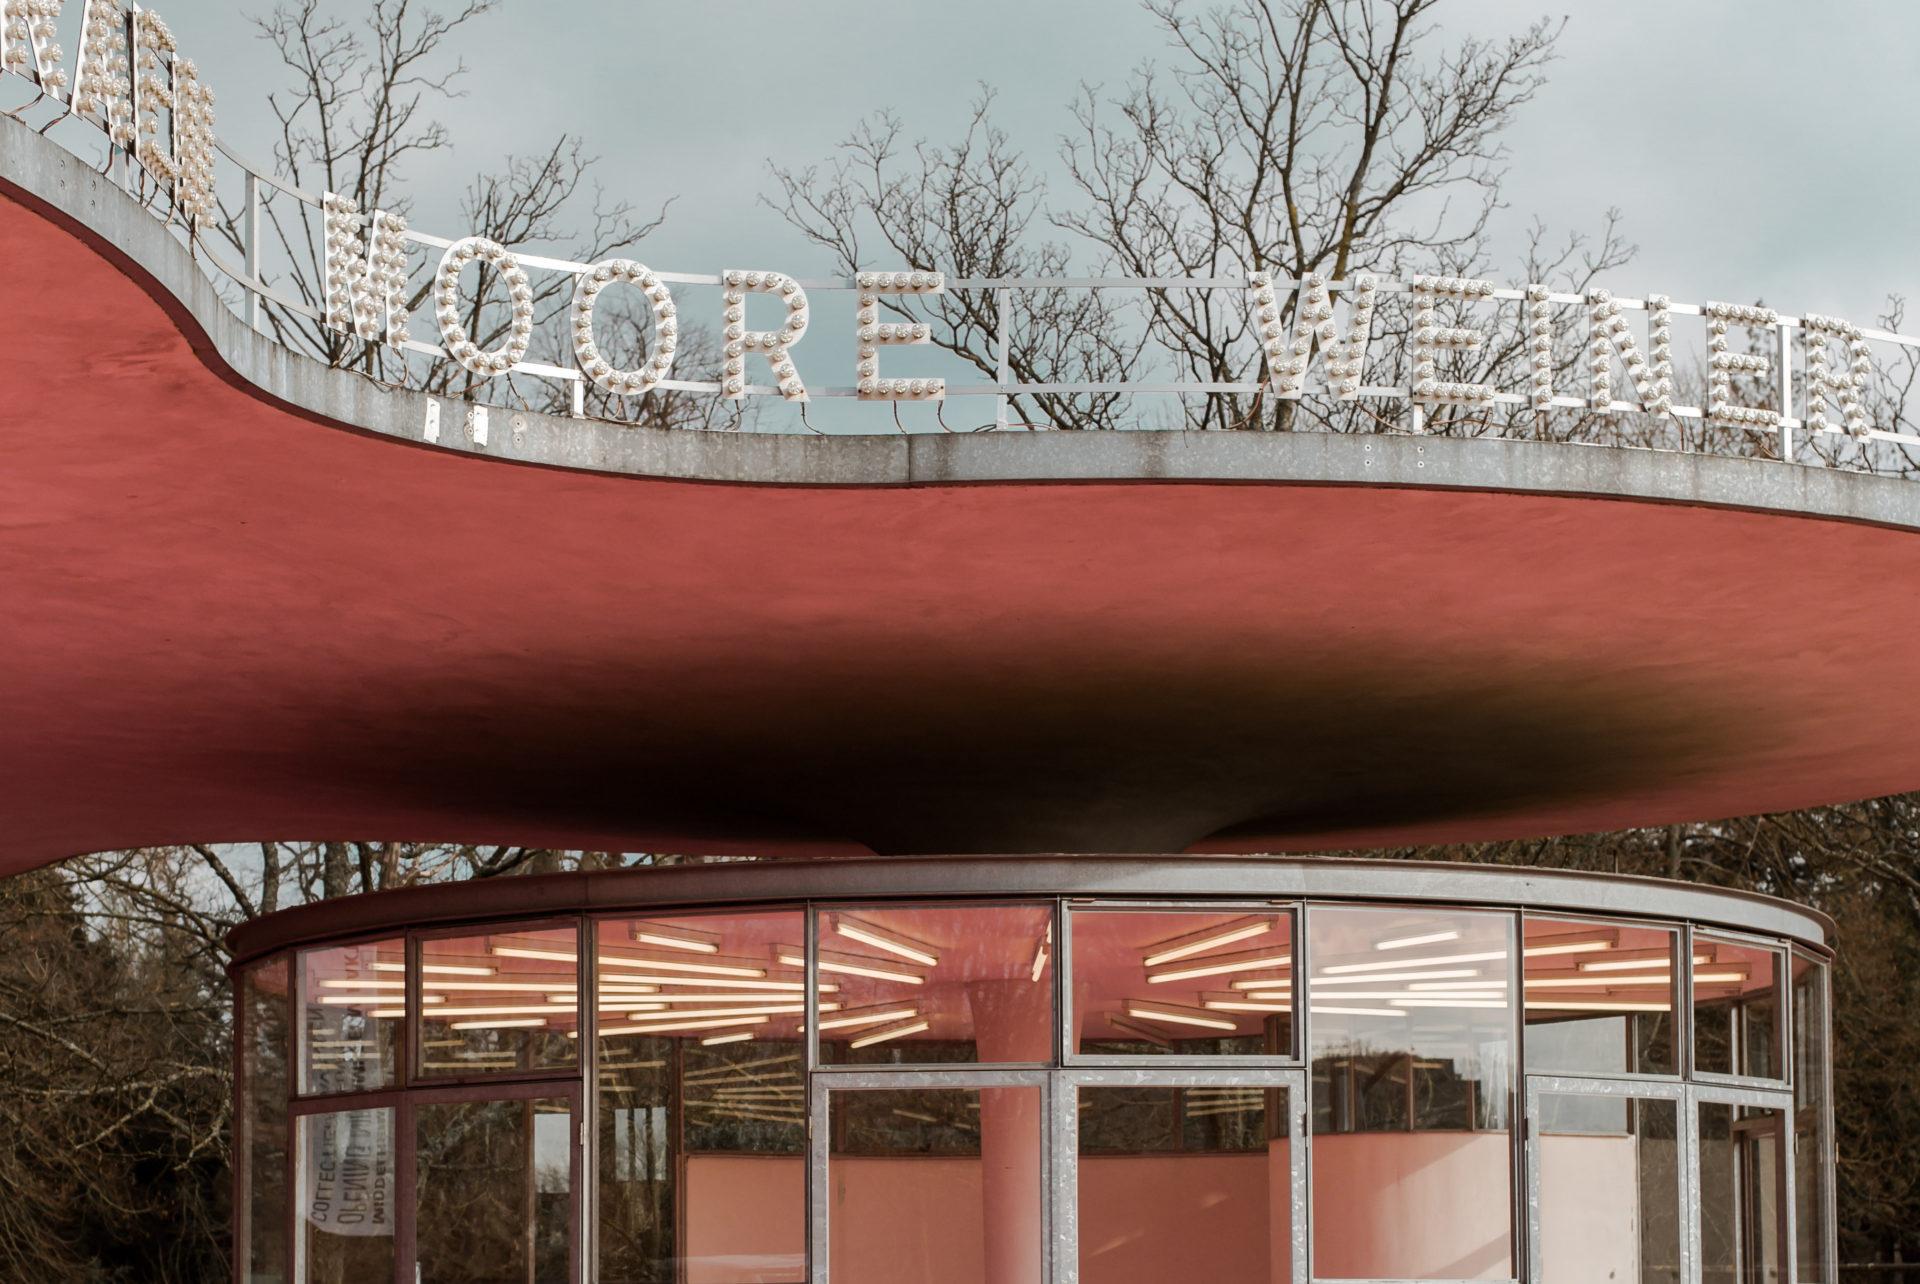 Roze artiesteningang bij Middelheimmuseum